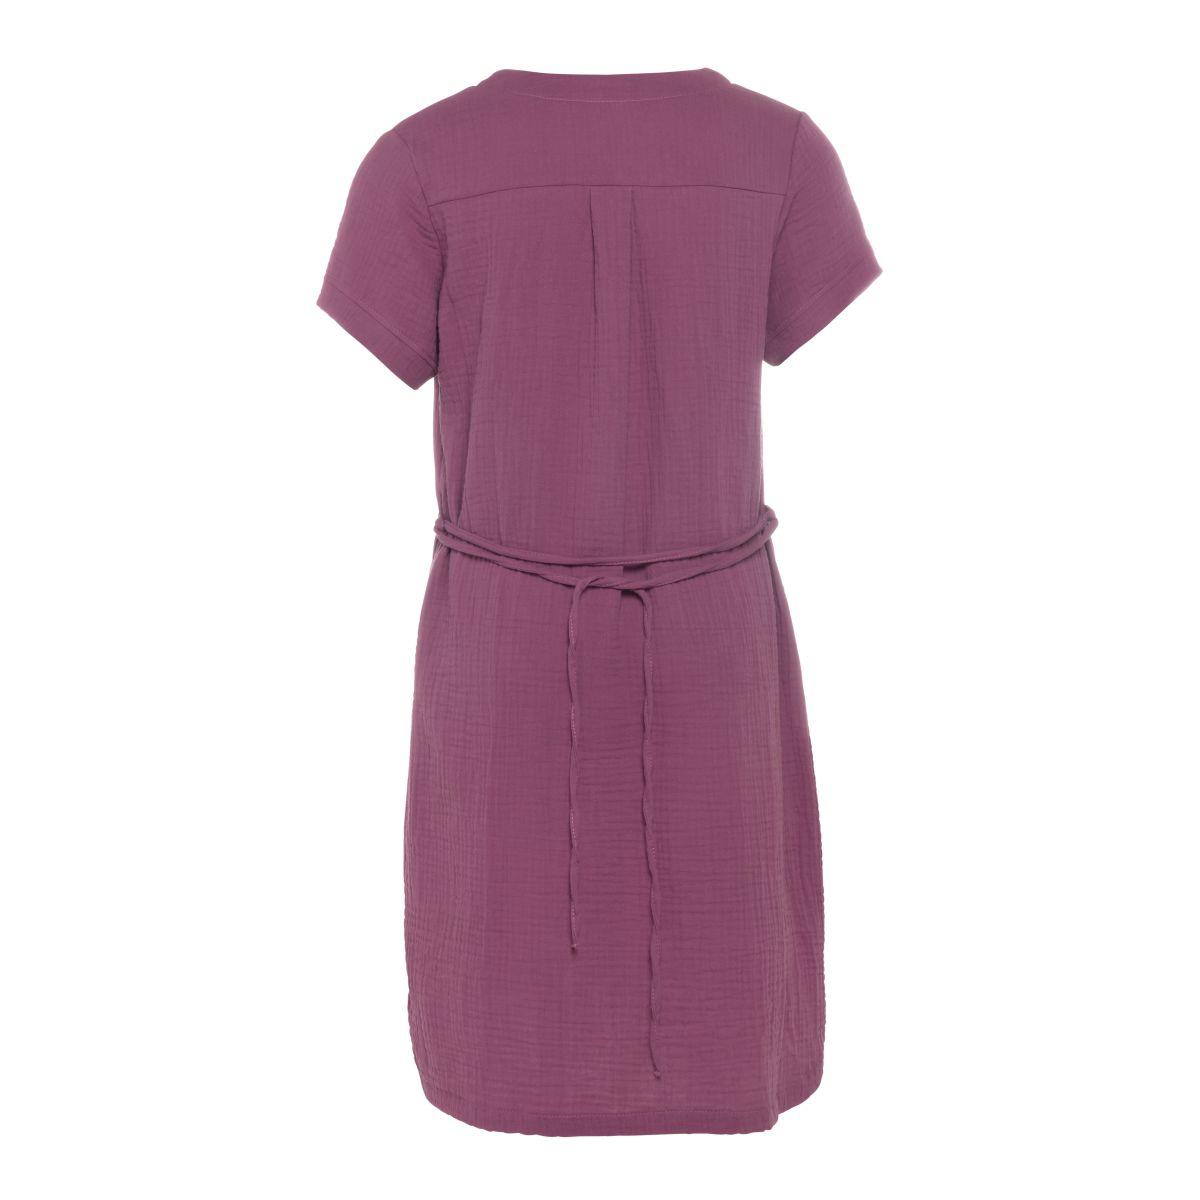 knit factory kf15012004351 indy jurk purple l 2